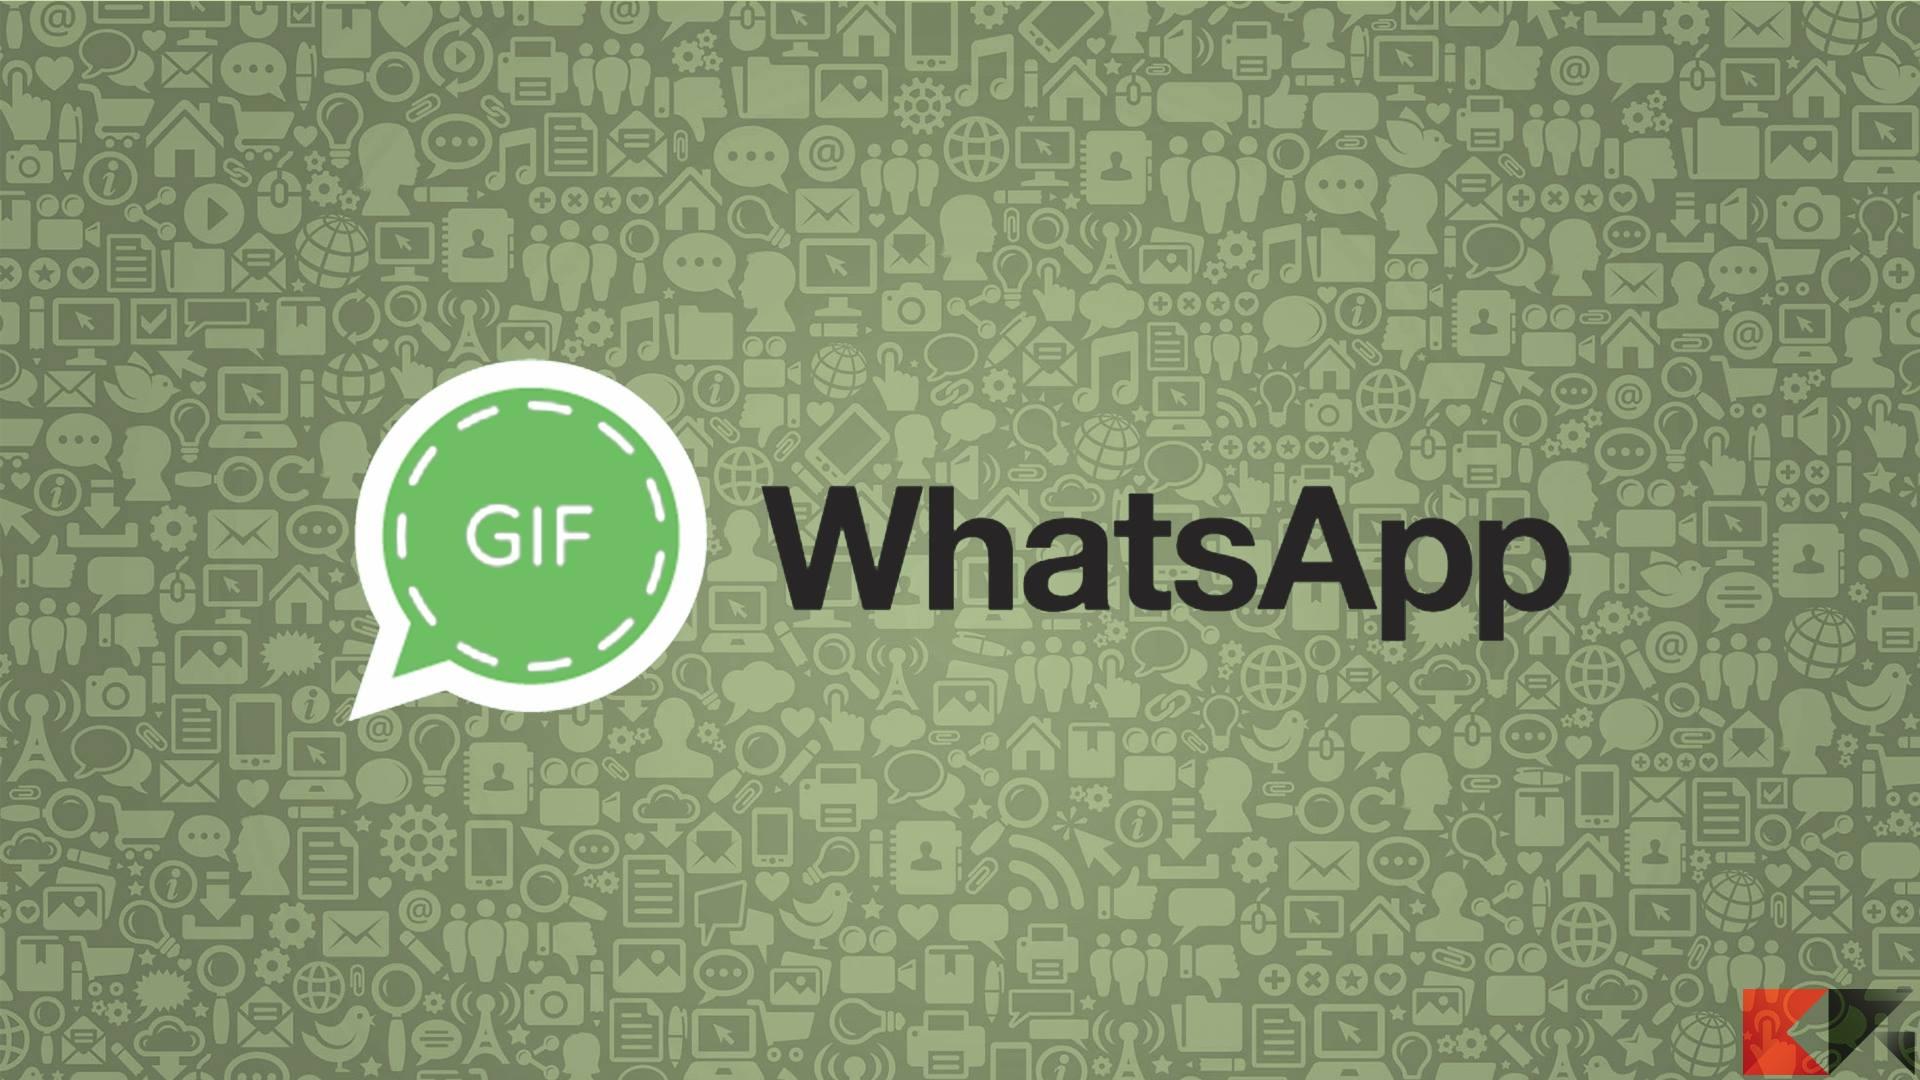 Inviare GIF animate WhatsApp